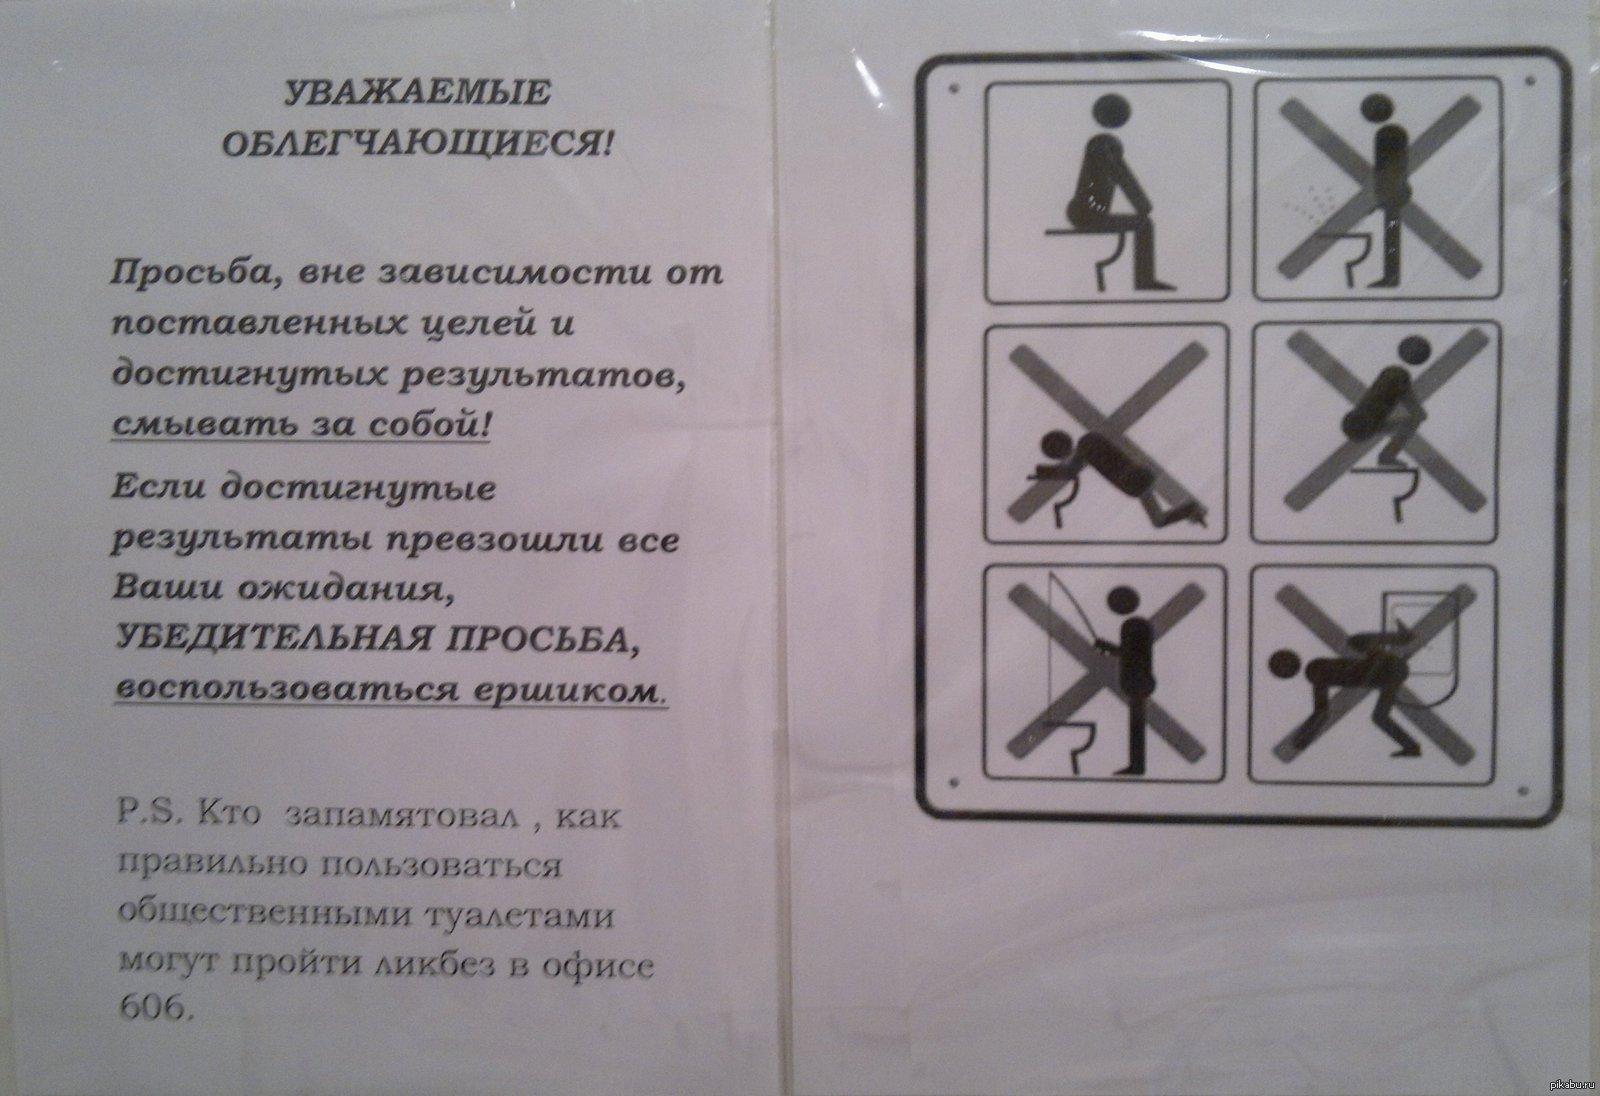 Картинки смешные о пользования туалетом, поздравление